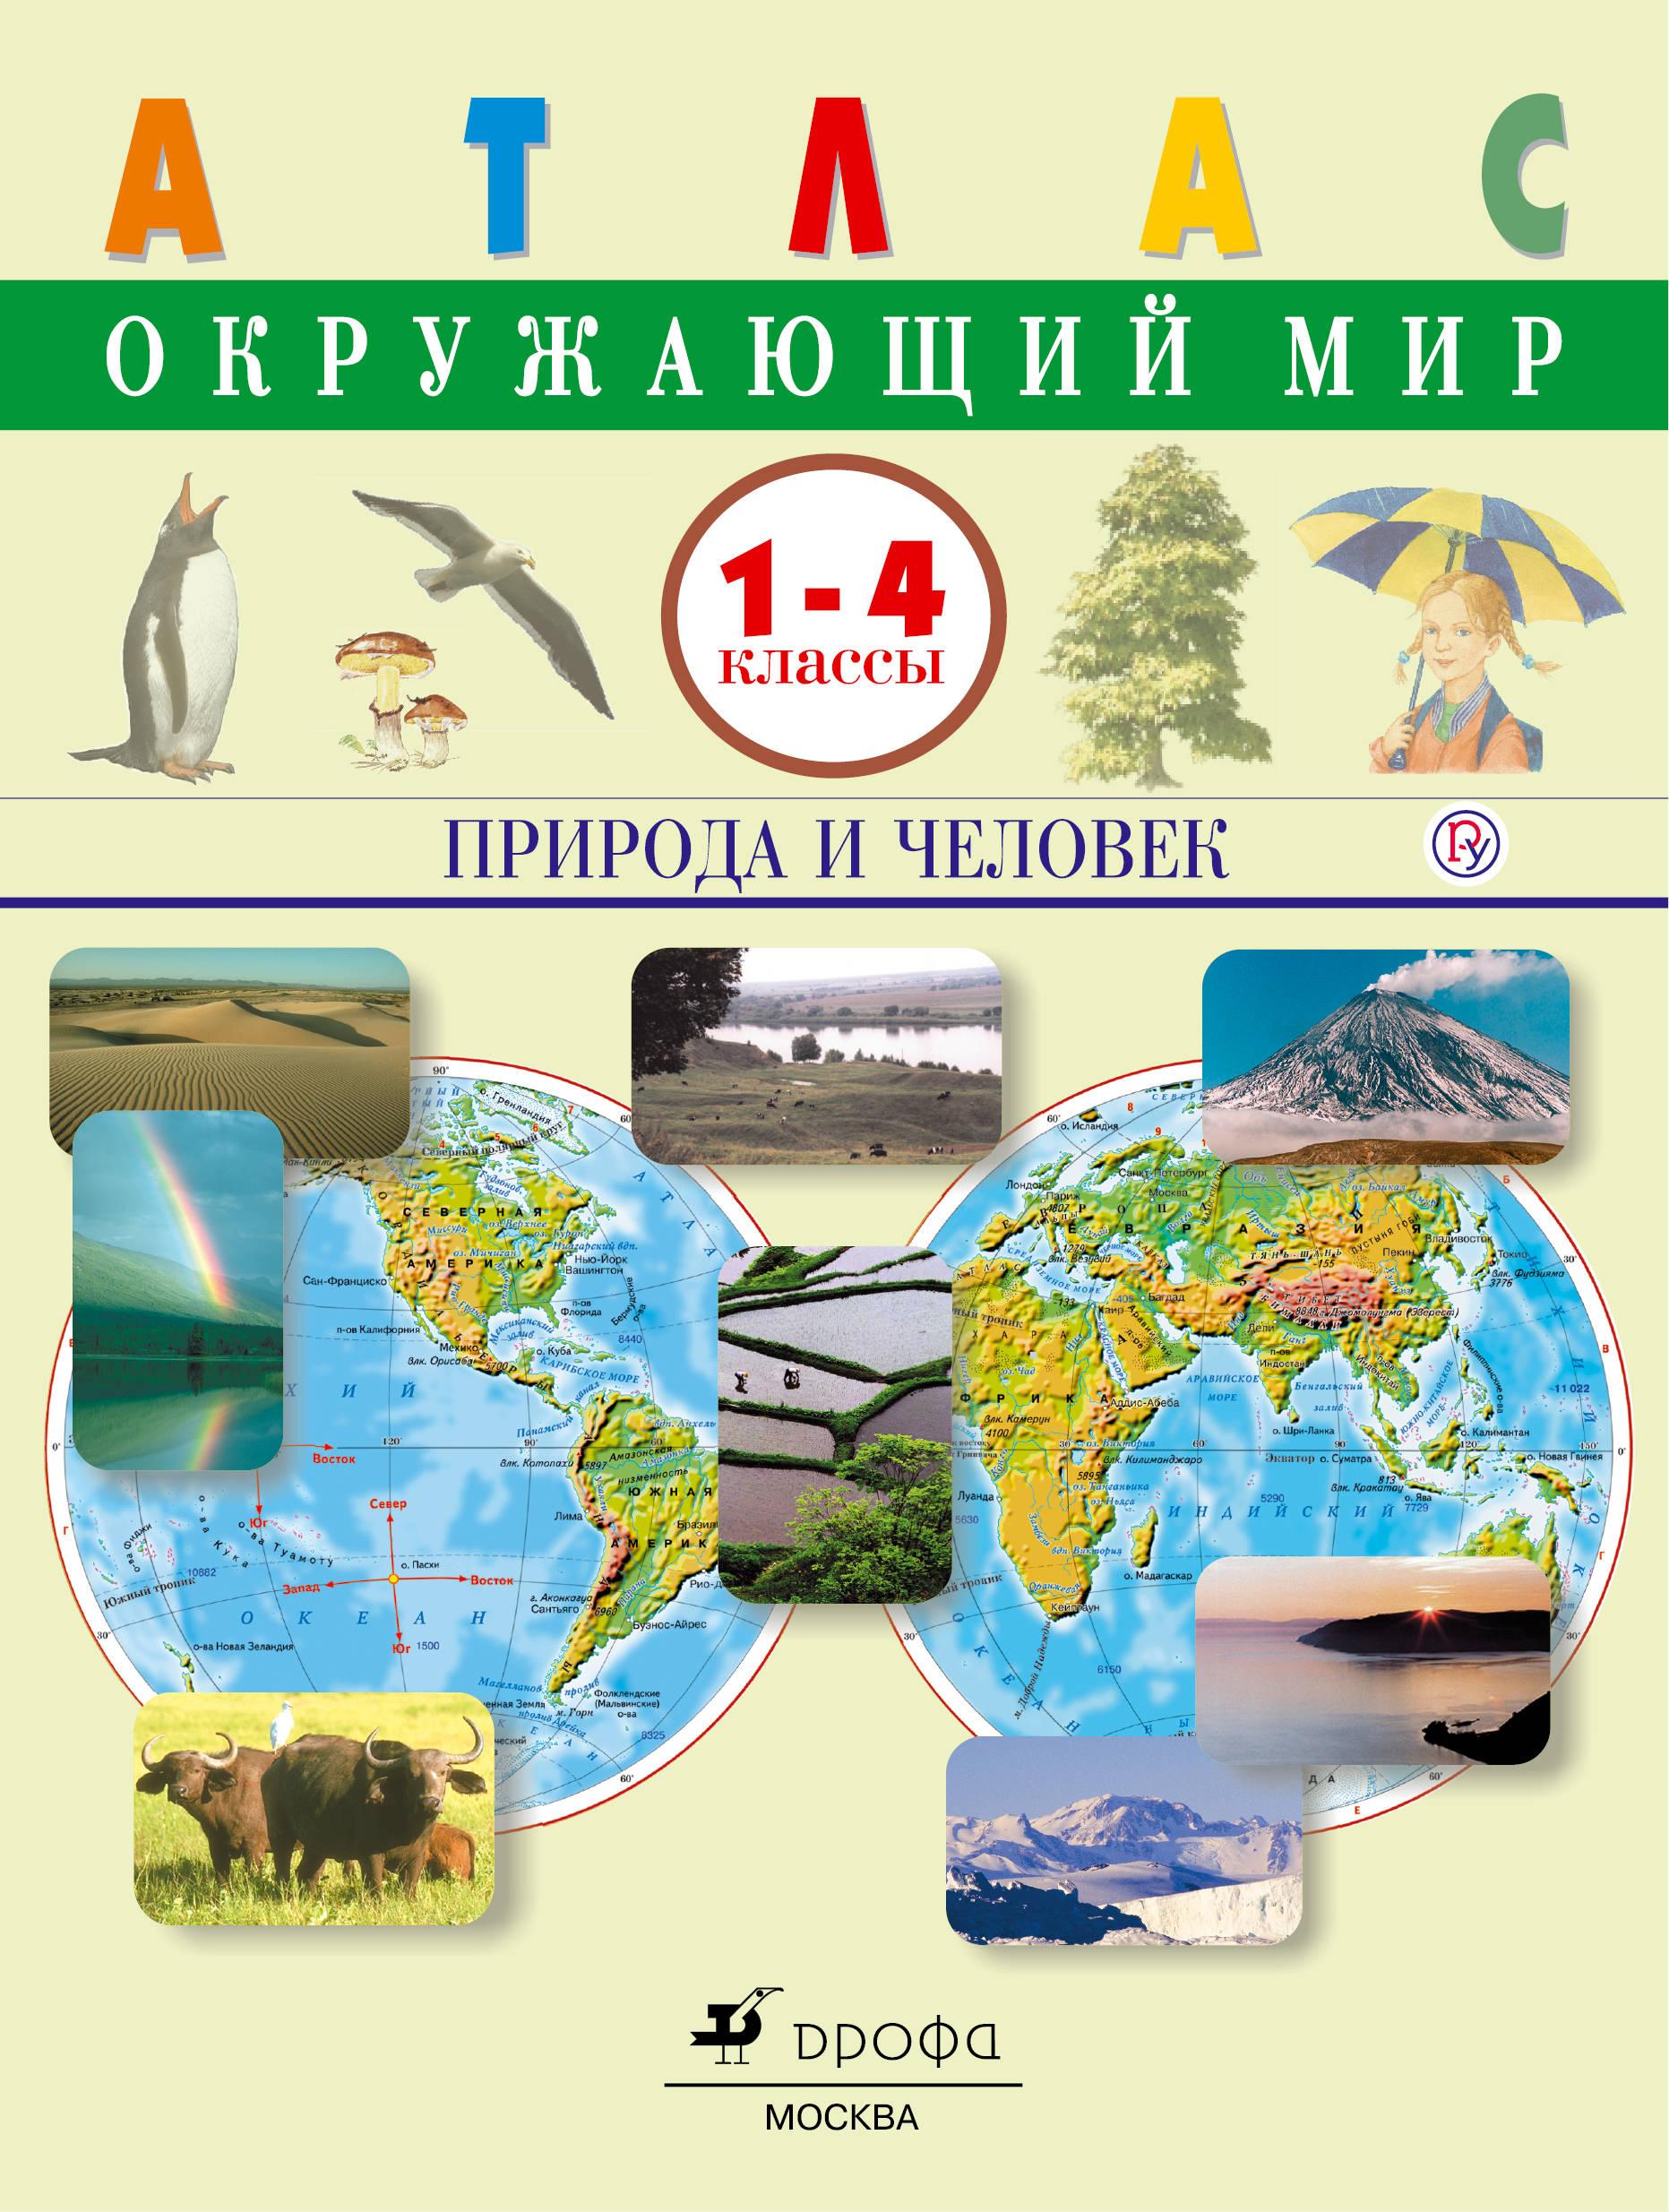 О. В. Крылова,В. И. Сивоглазов Окружающий мир. Природа и человек.1-4 классы. Атлас